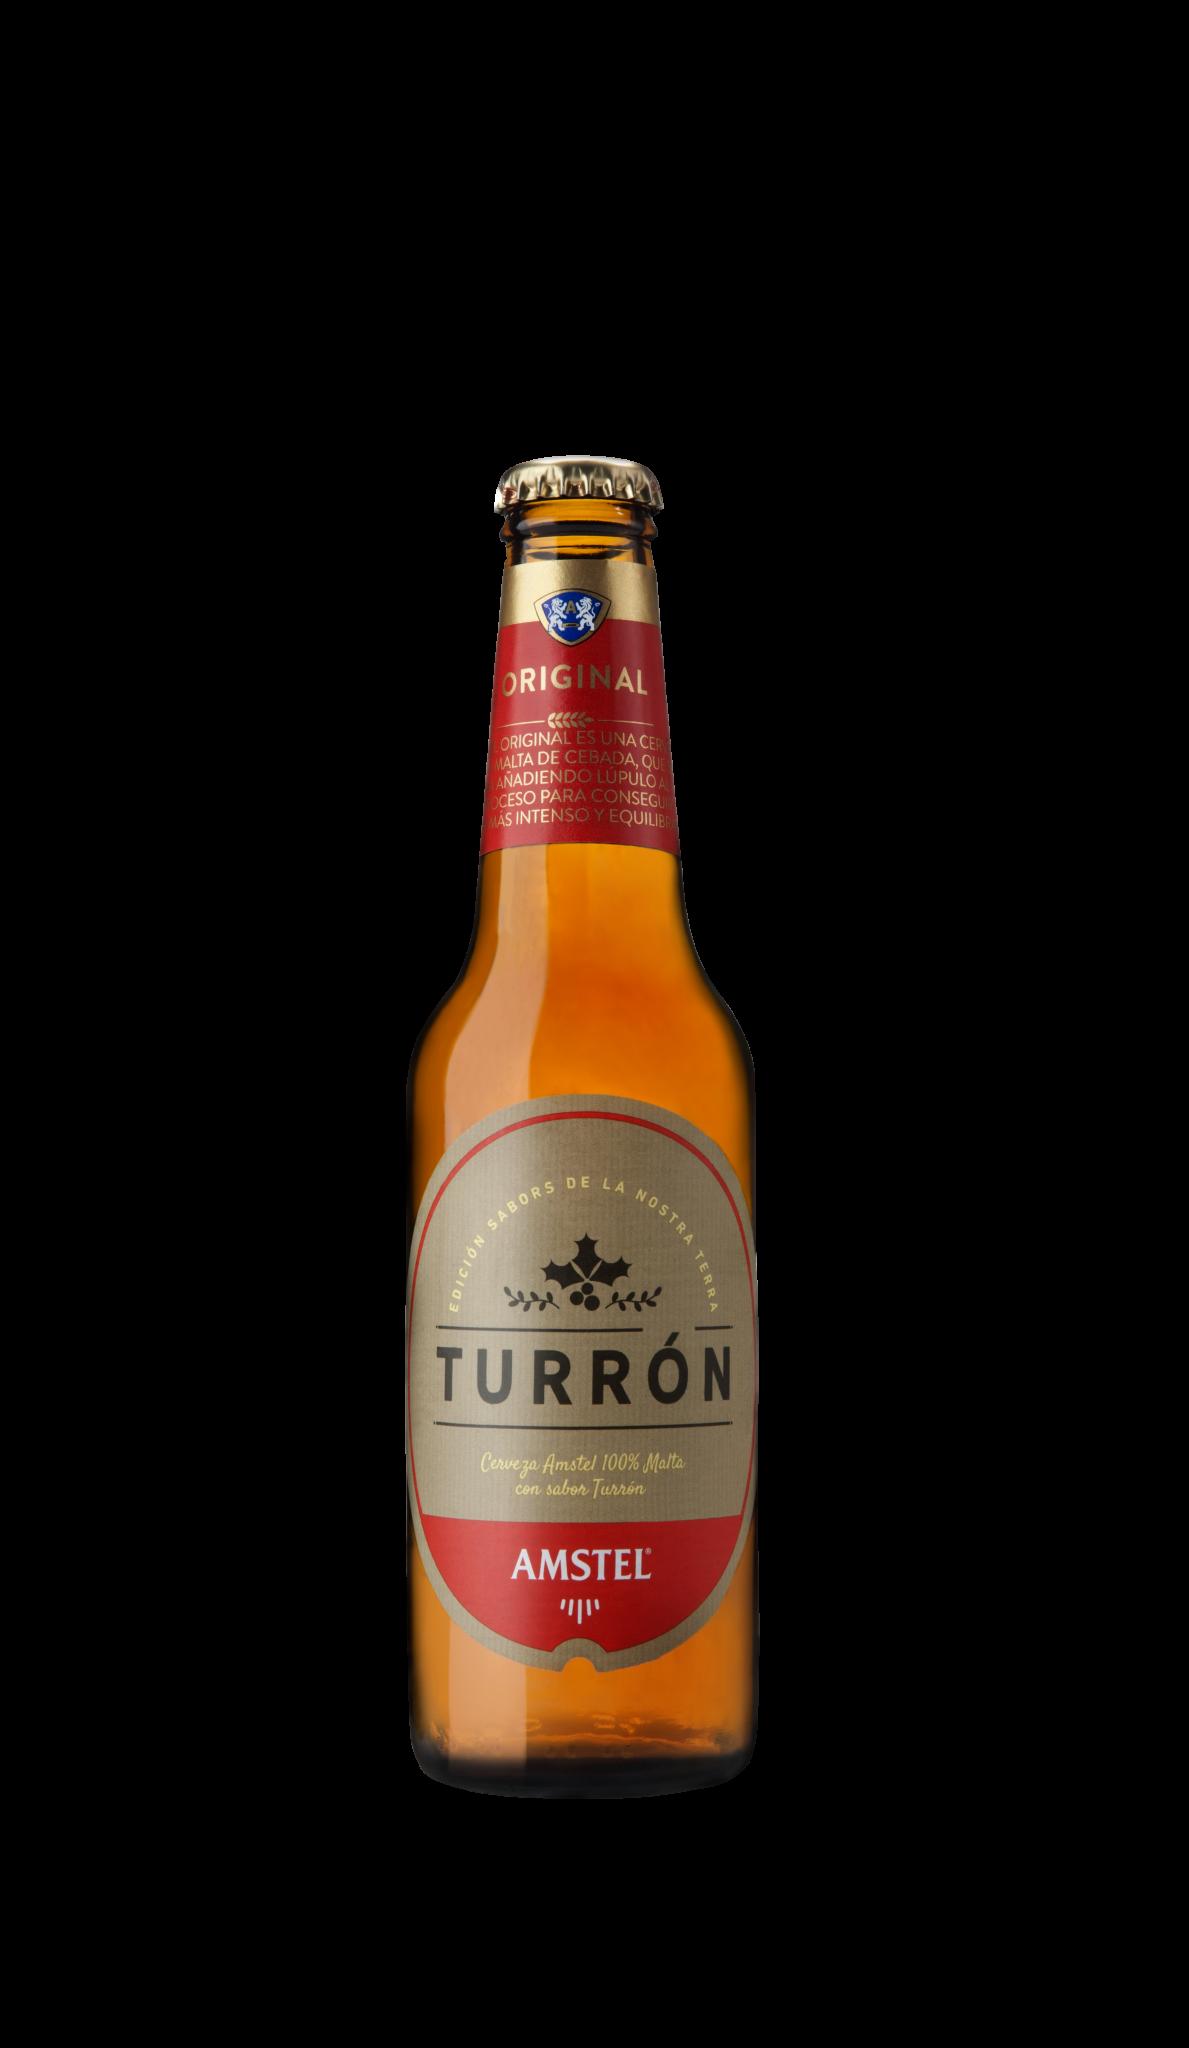 Amstel Turron